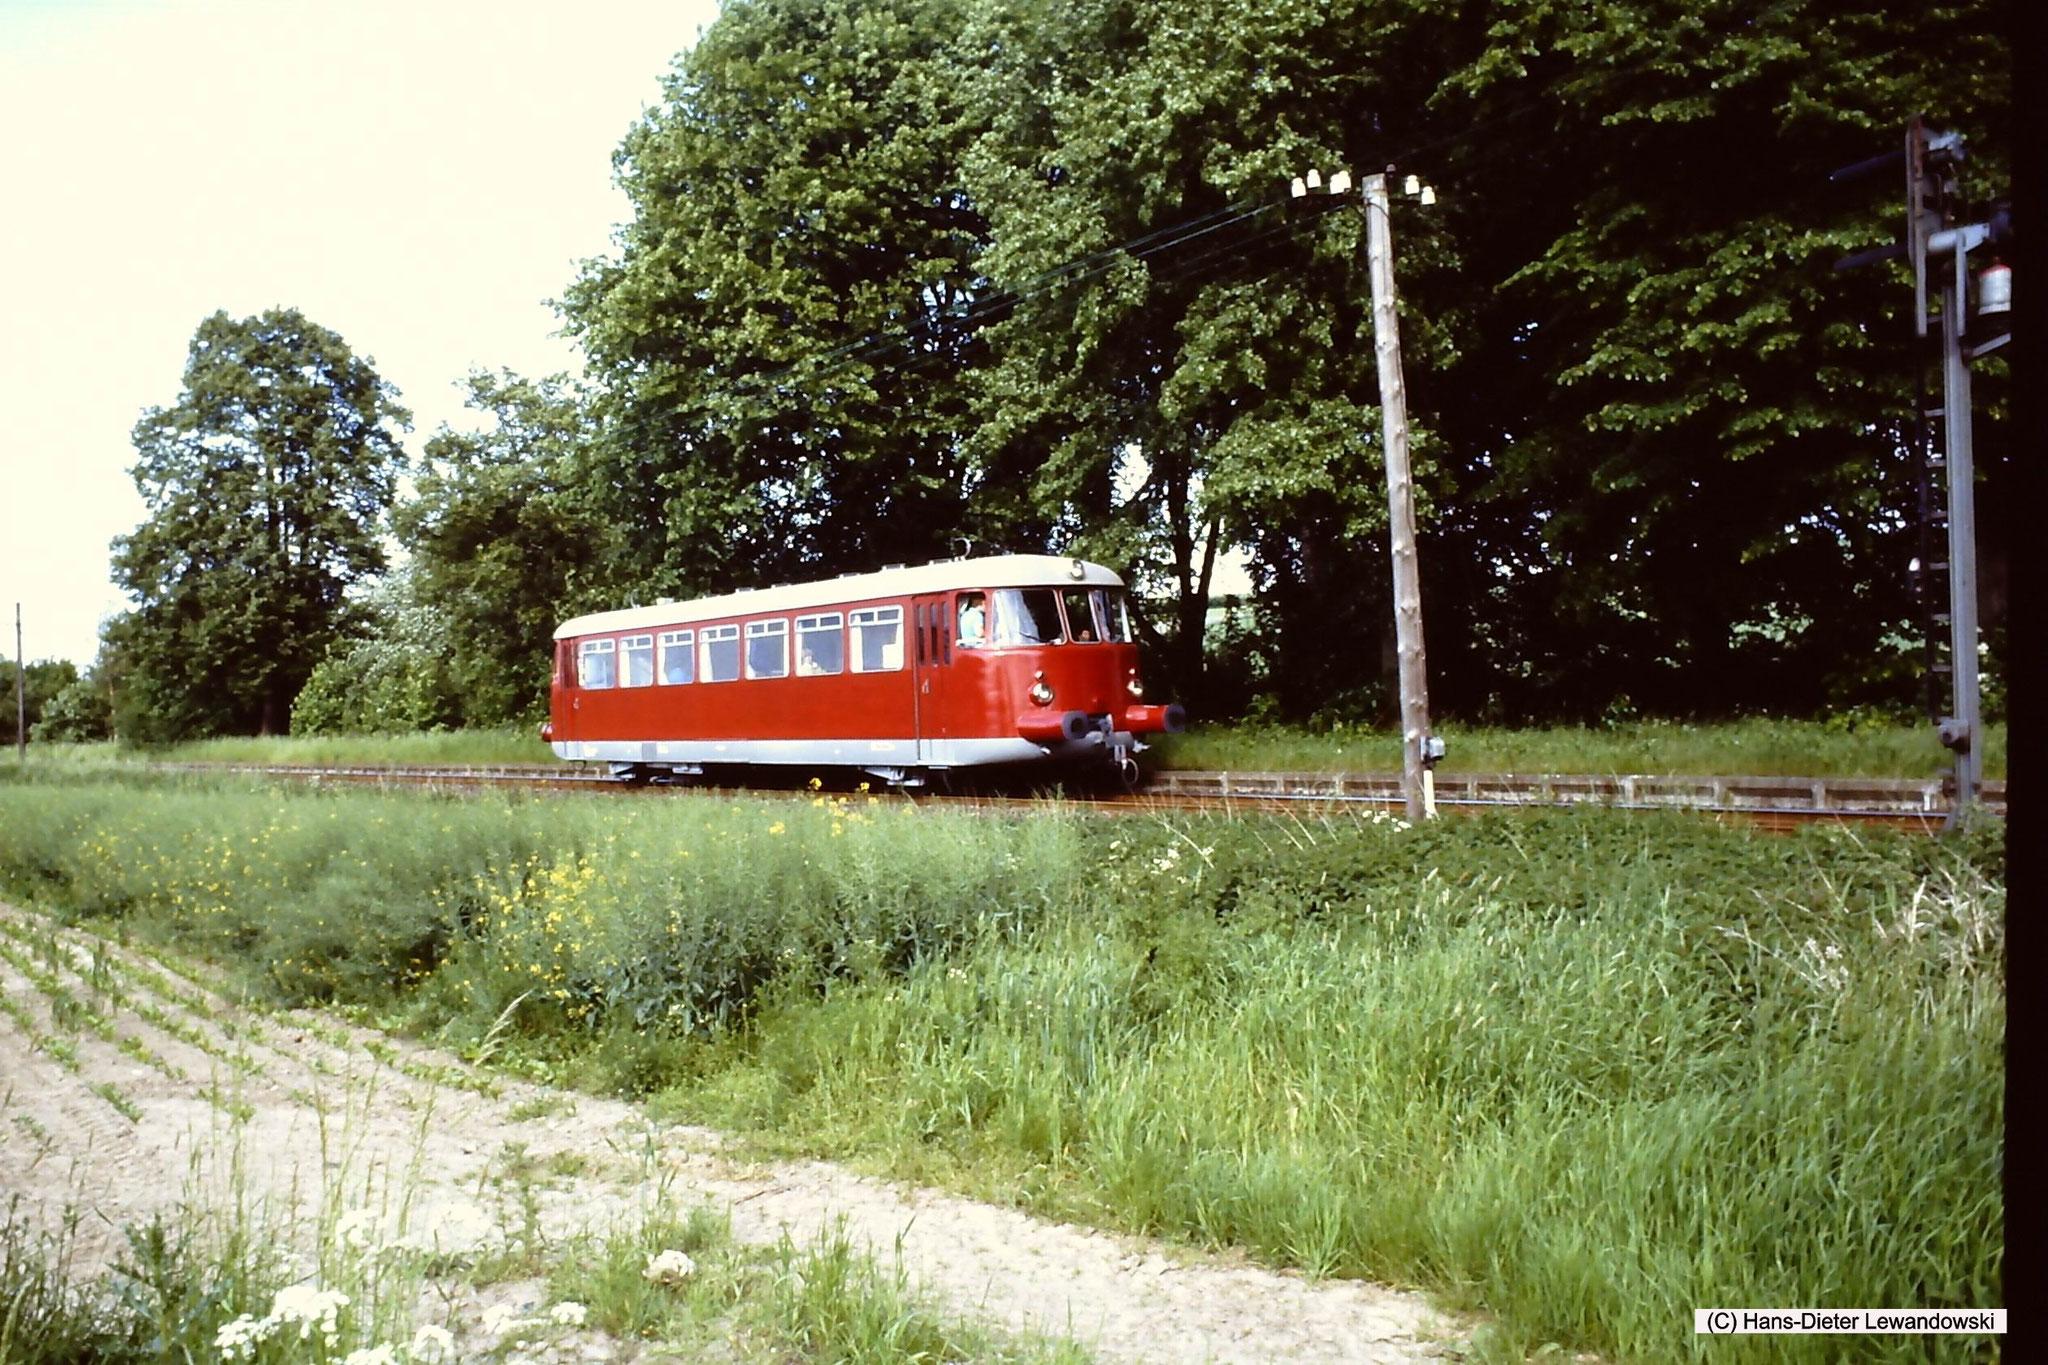 Haltepunkt Wohldenberg mit MAN - VT 1 der Dampflok-Gemeinschaft 41 096 e.V.